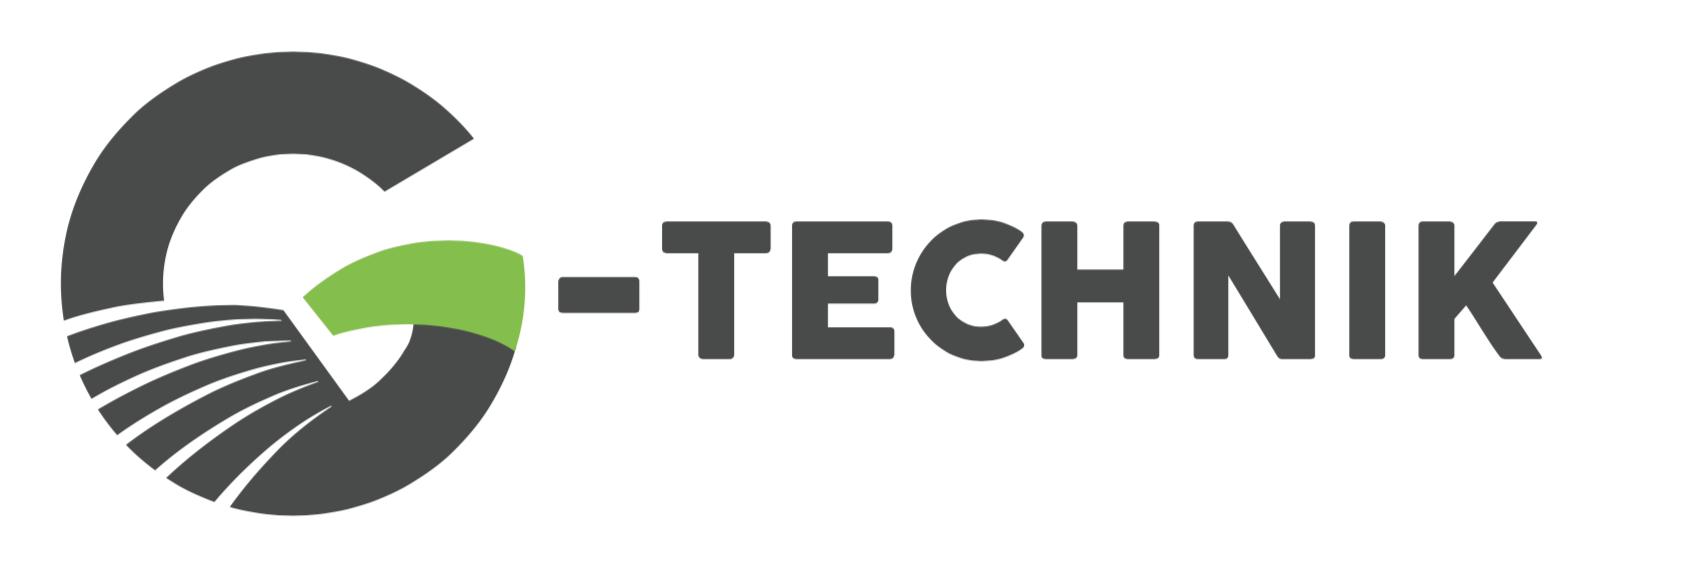 g-technik.sk